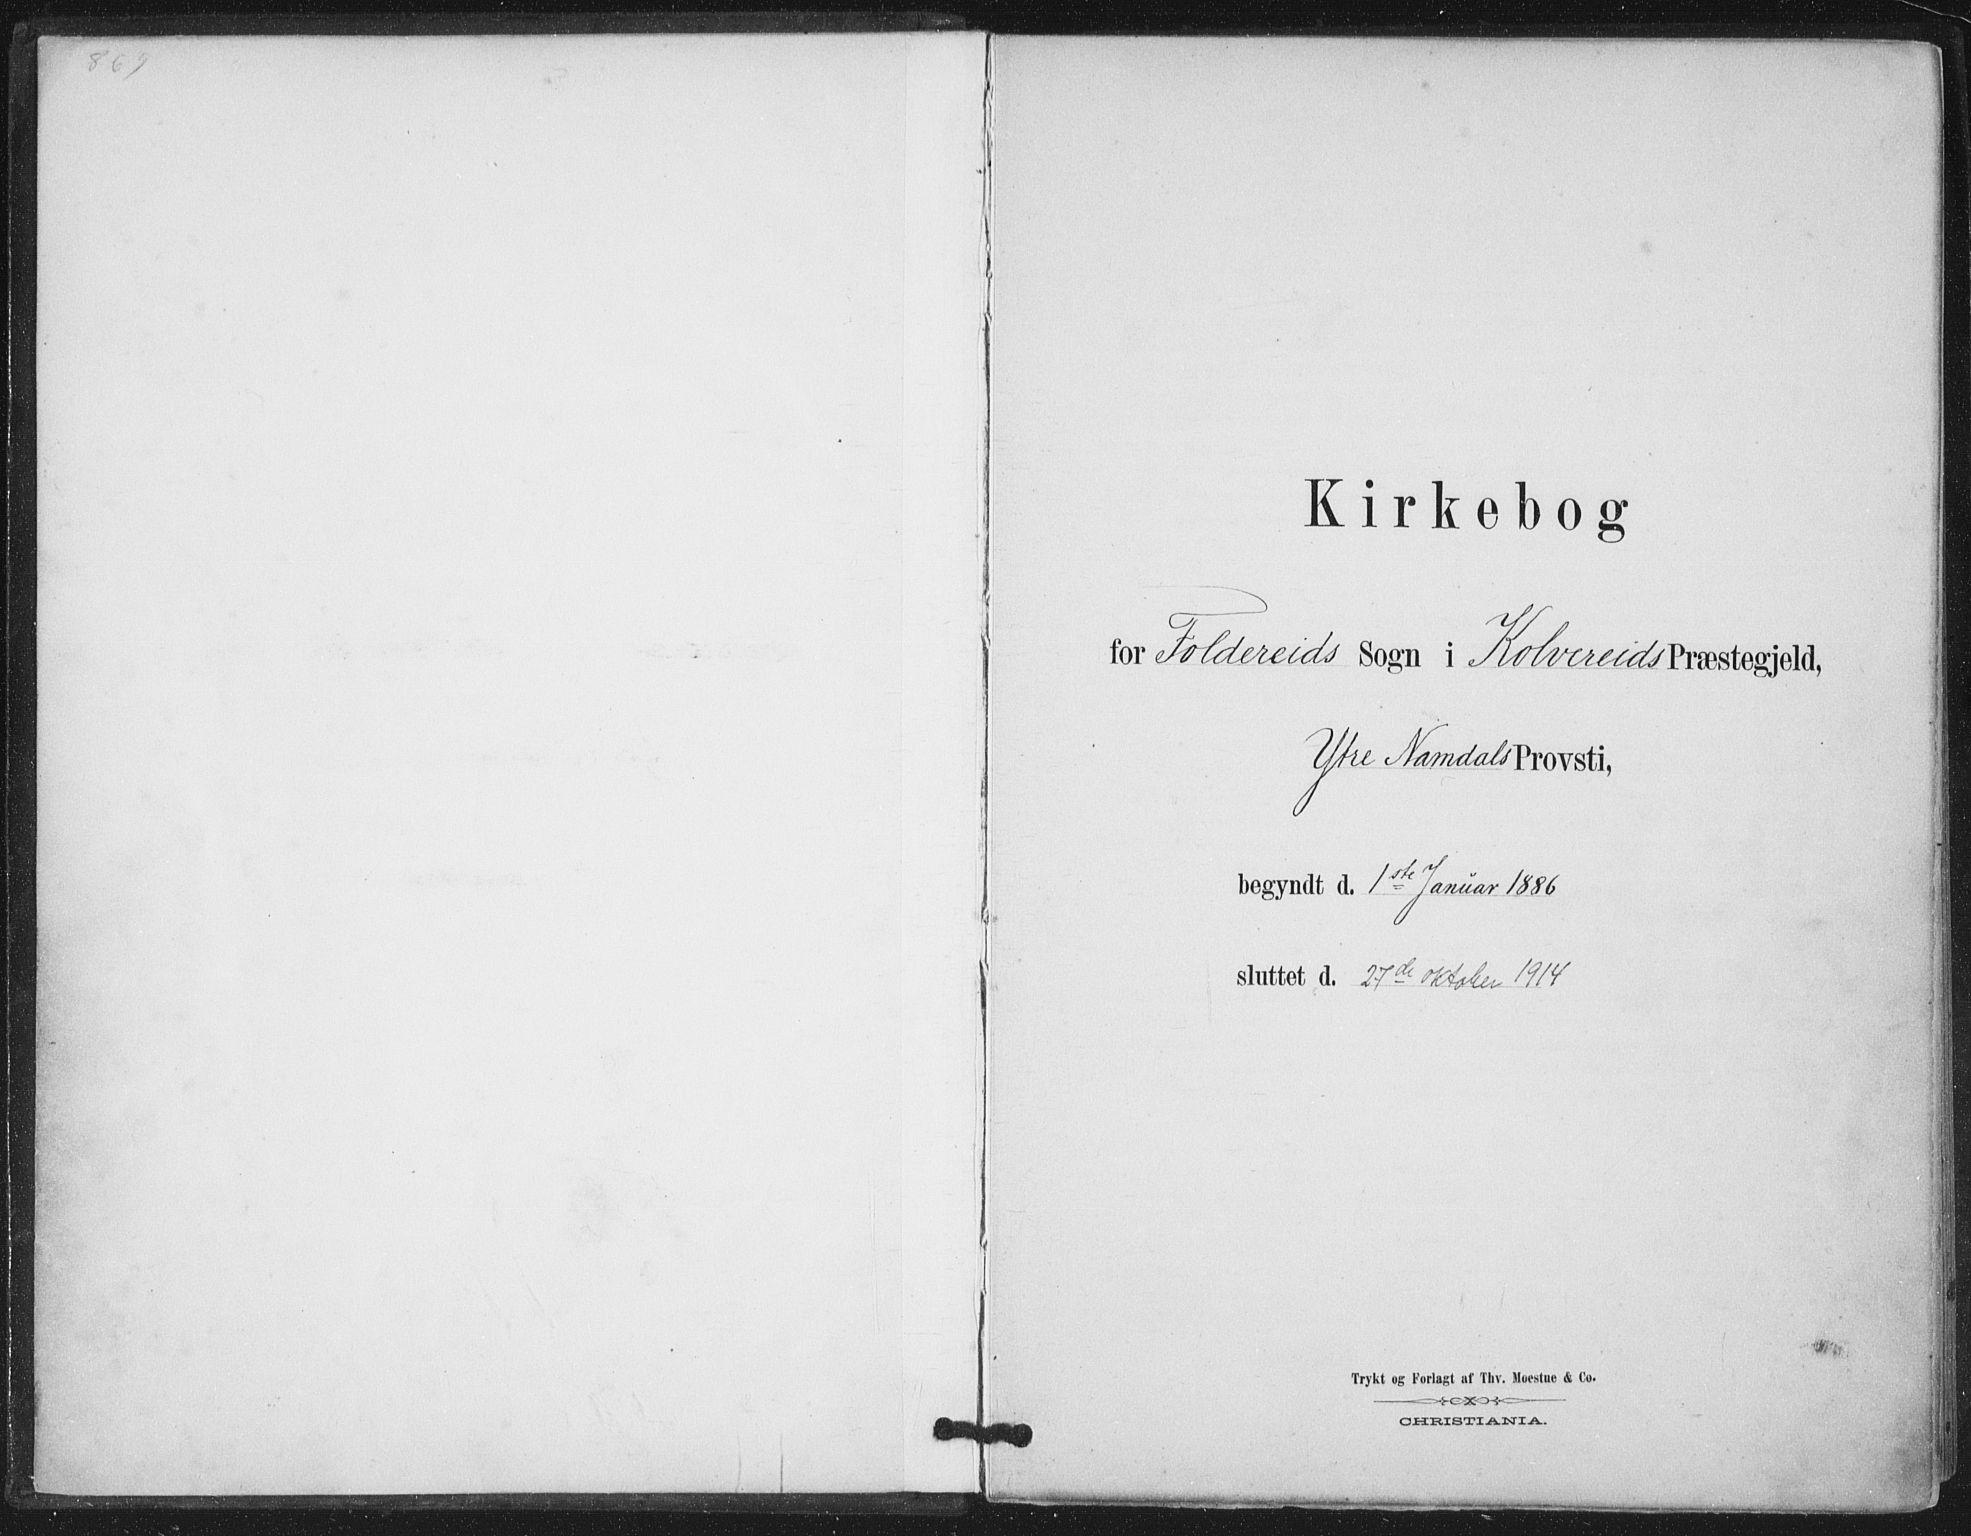 SAT, Ministerialprotokoller, klokkerbøker og fødselsregistre - Nord-Trøndelag, 783/L0660: Ministerialbok nr. 783A02, 1886-1918